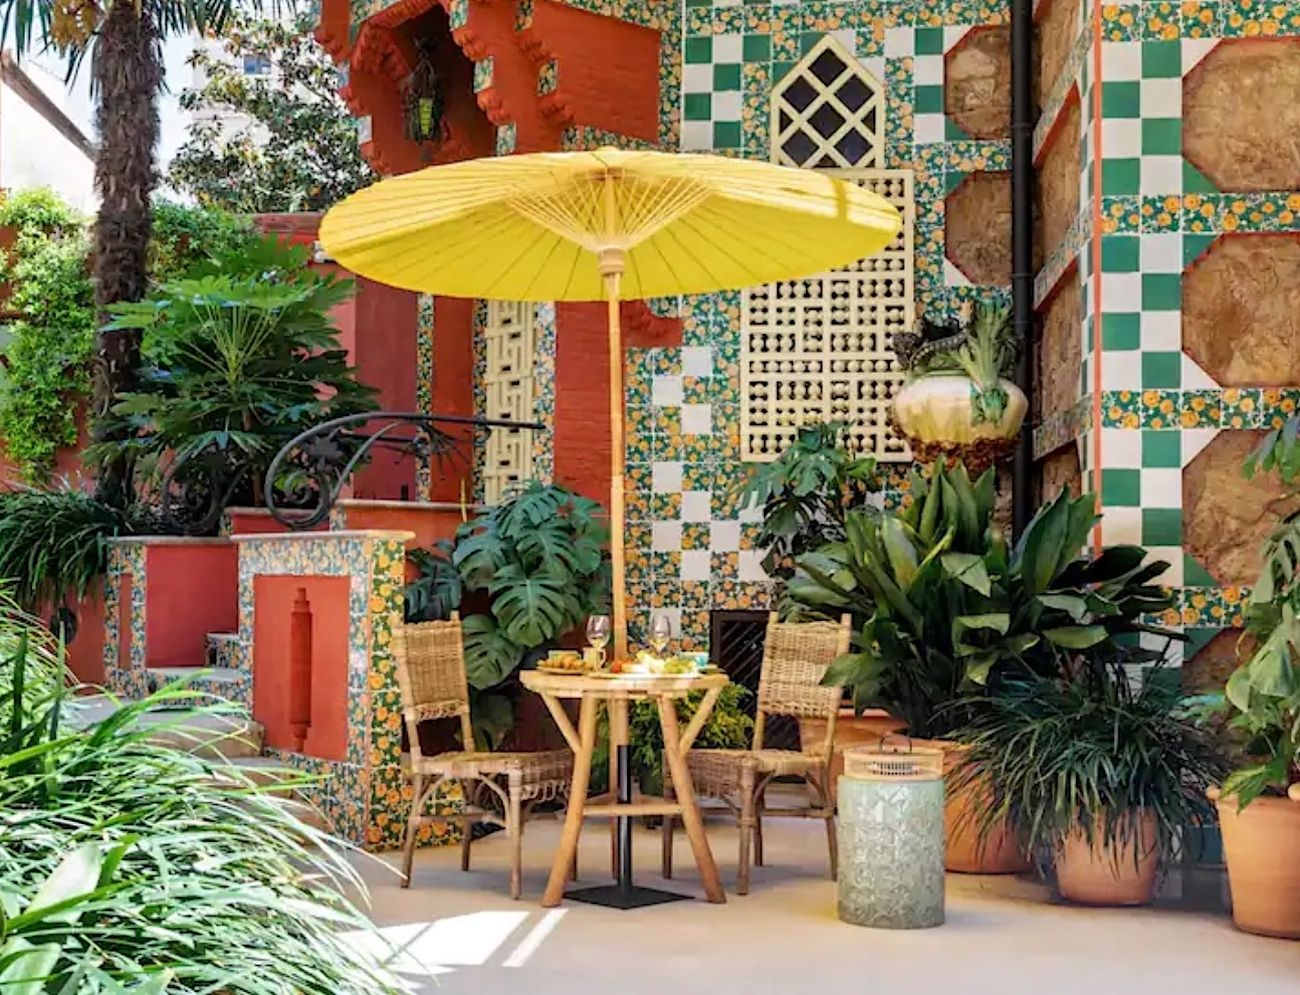 Antoni Gaudí house in Barcelona garden